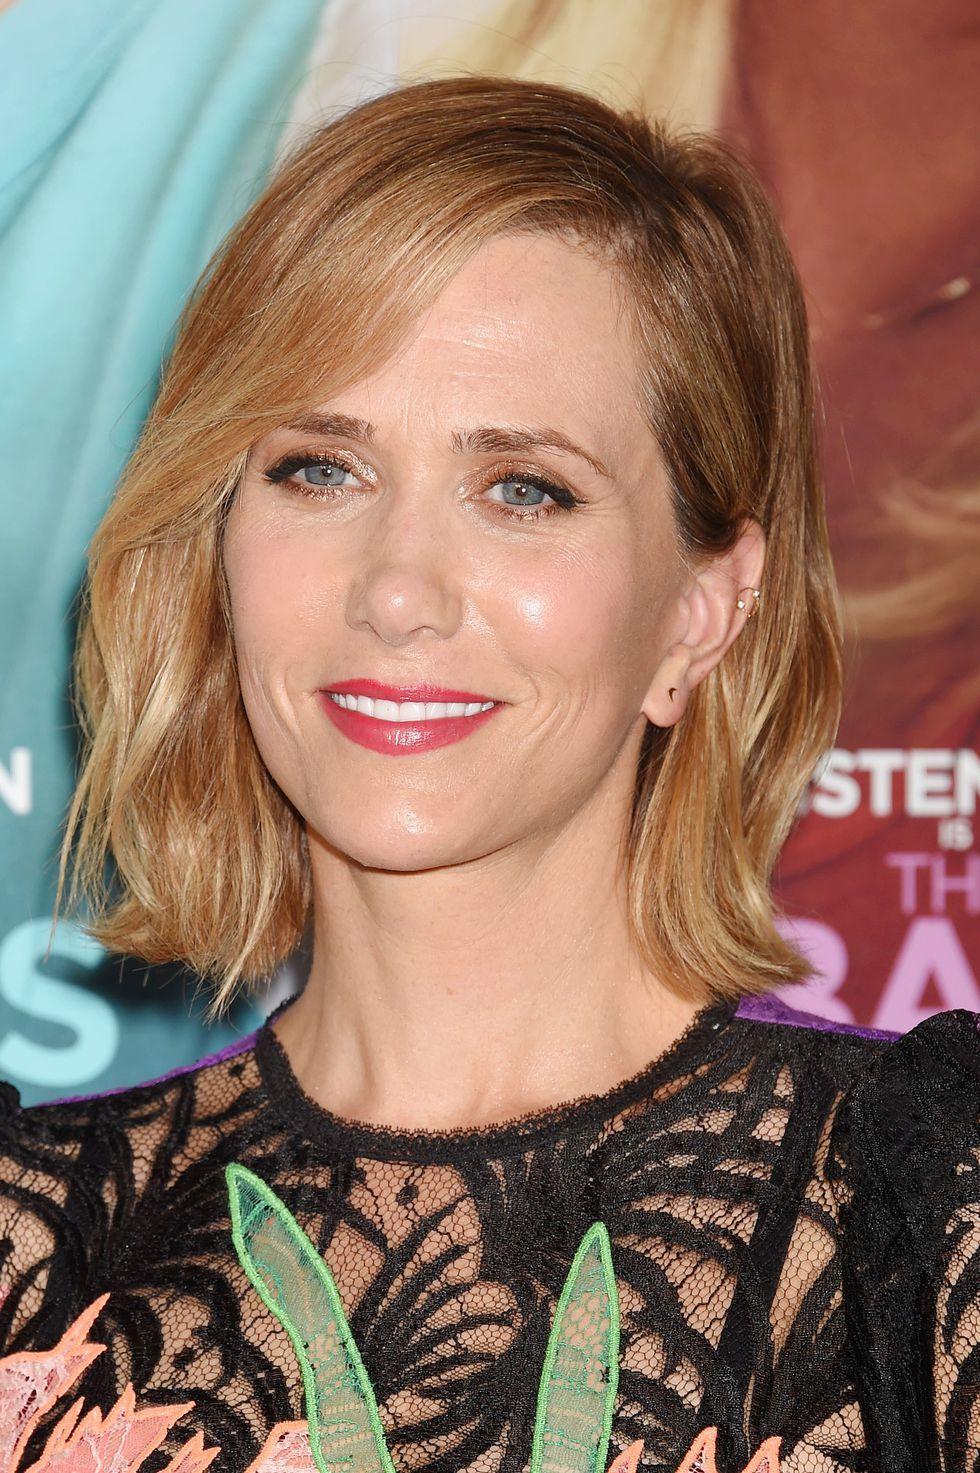 Mỹ nhân Hollywood gợi ý 10 kiểu tóc xoăn đẹp cho từng dáng mặt